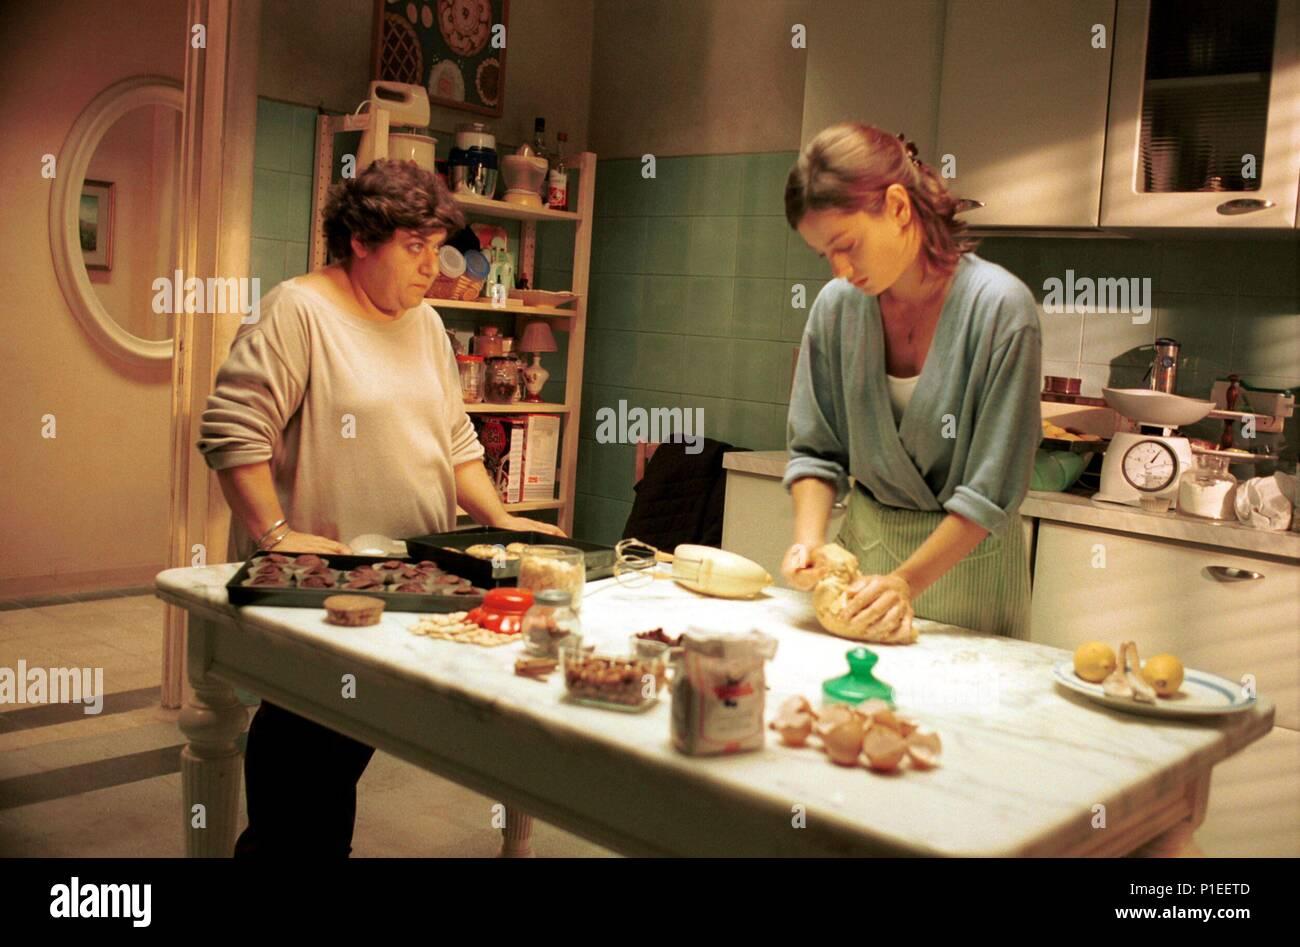 La Finestra Di Fronte Stock Photos La Finestra Di Fronte